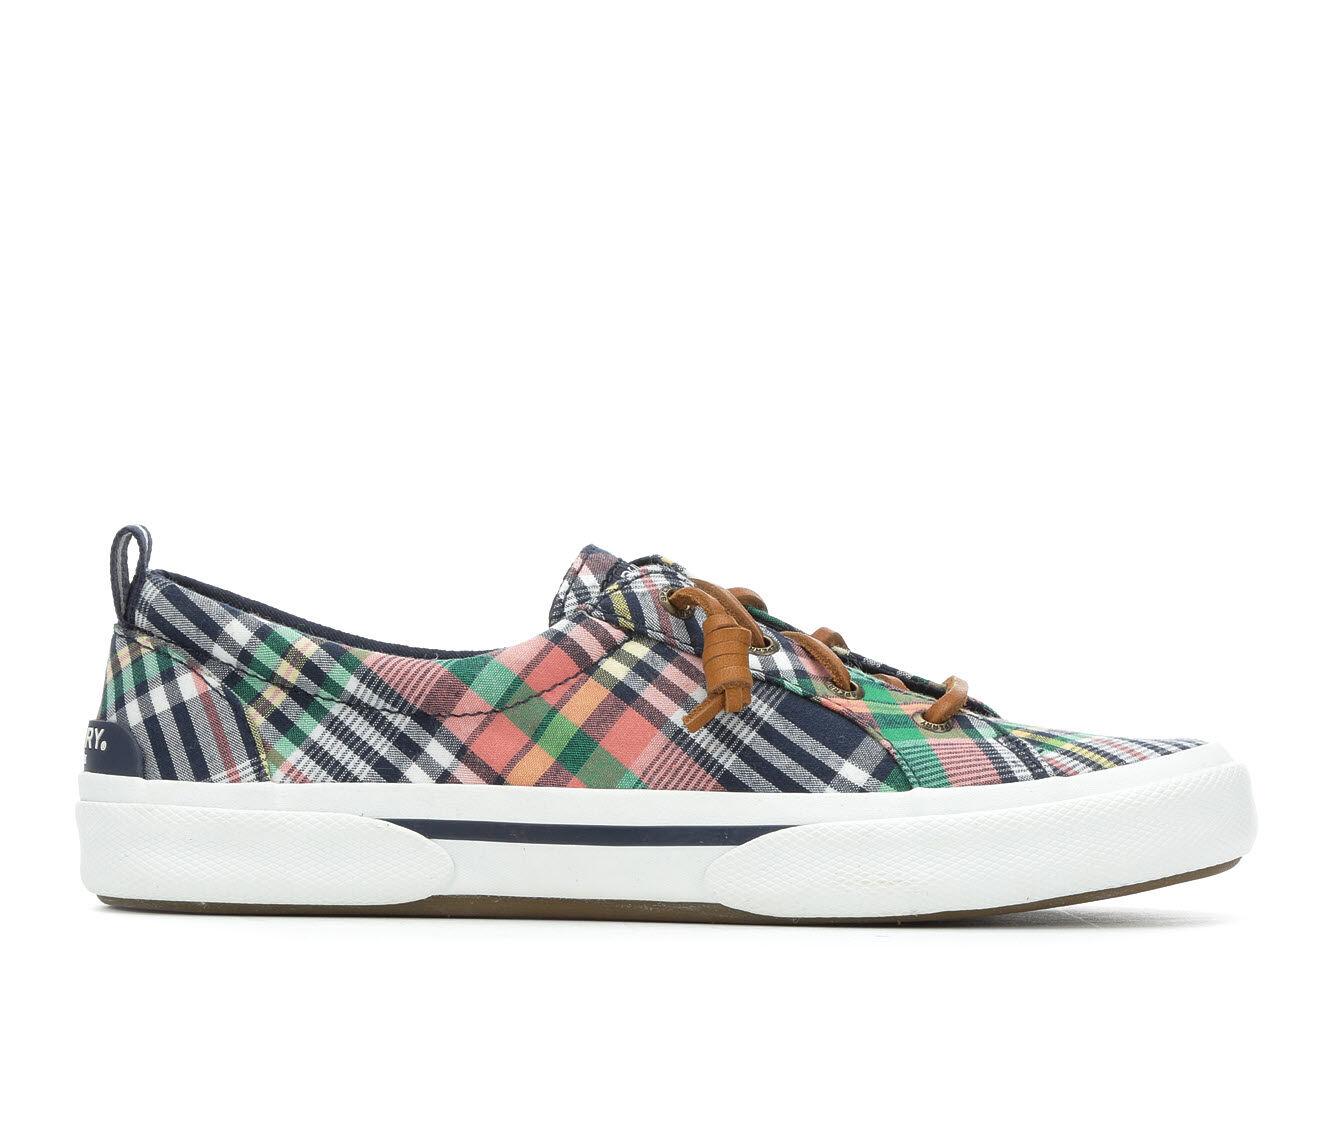 Women's Sperry Wide Width Shoes   Shoe